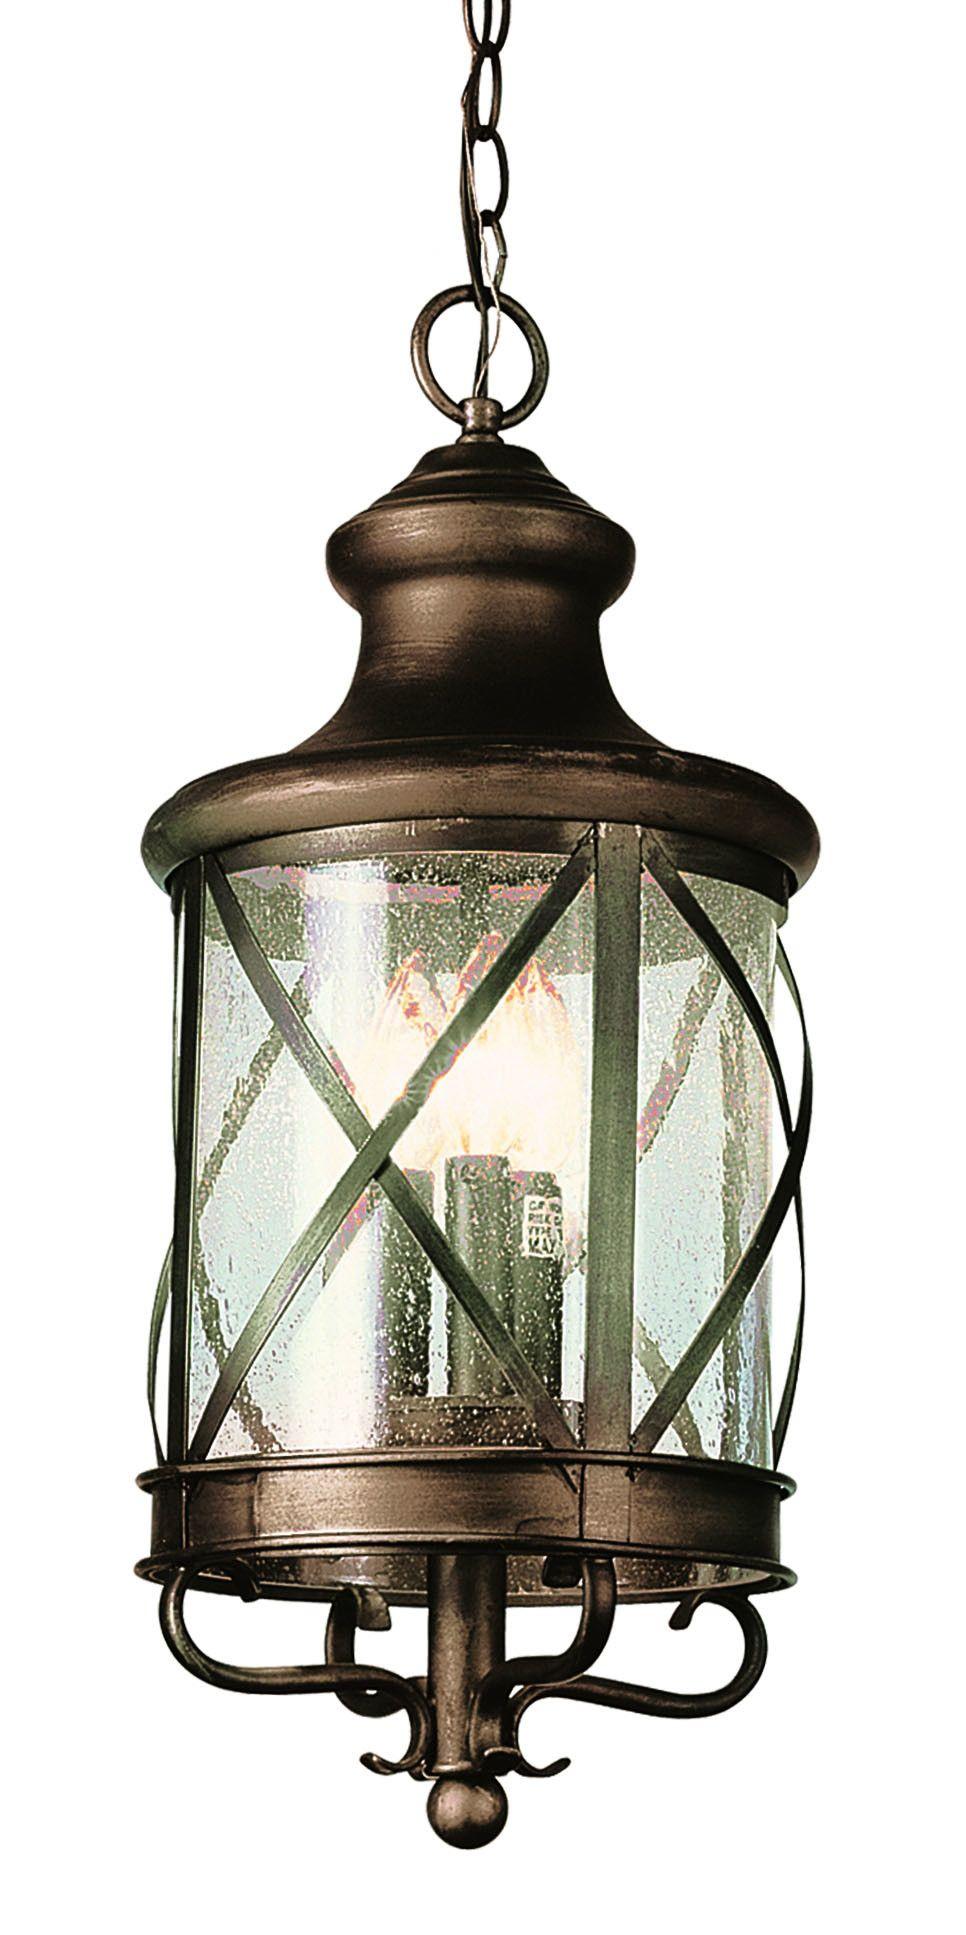 Transglobe lighting light outdoor hanging lantern u reviews